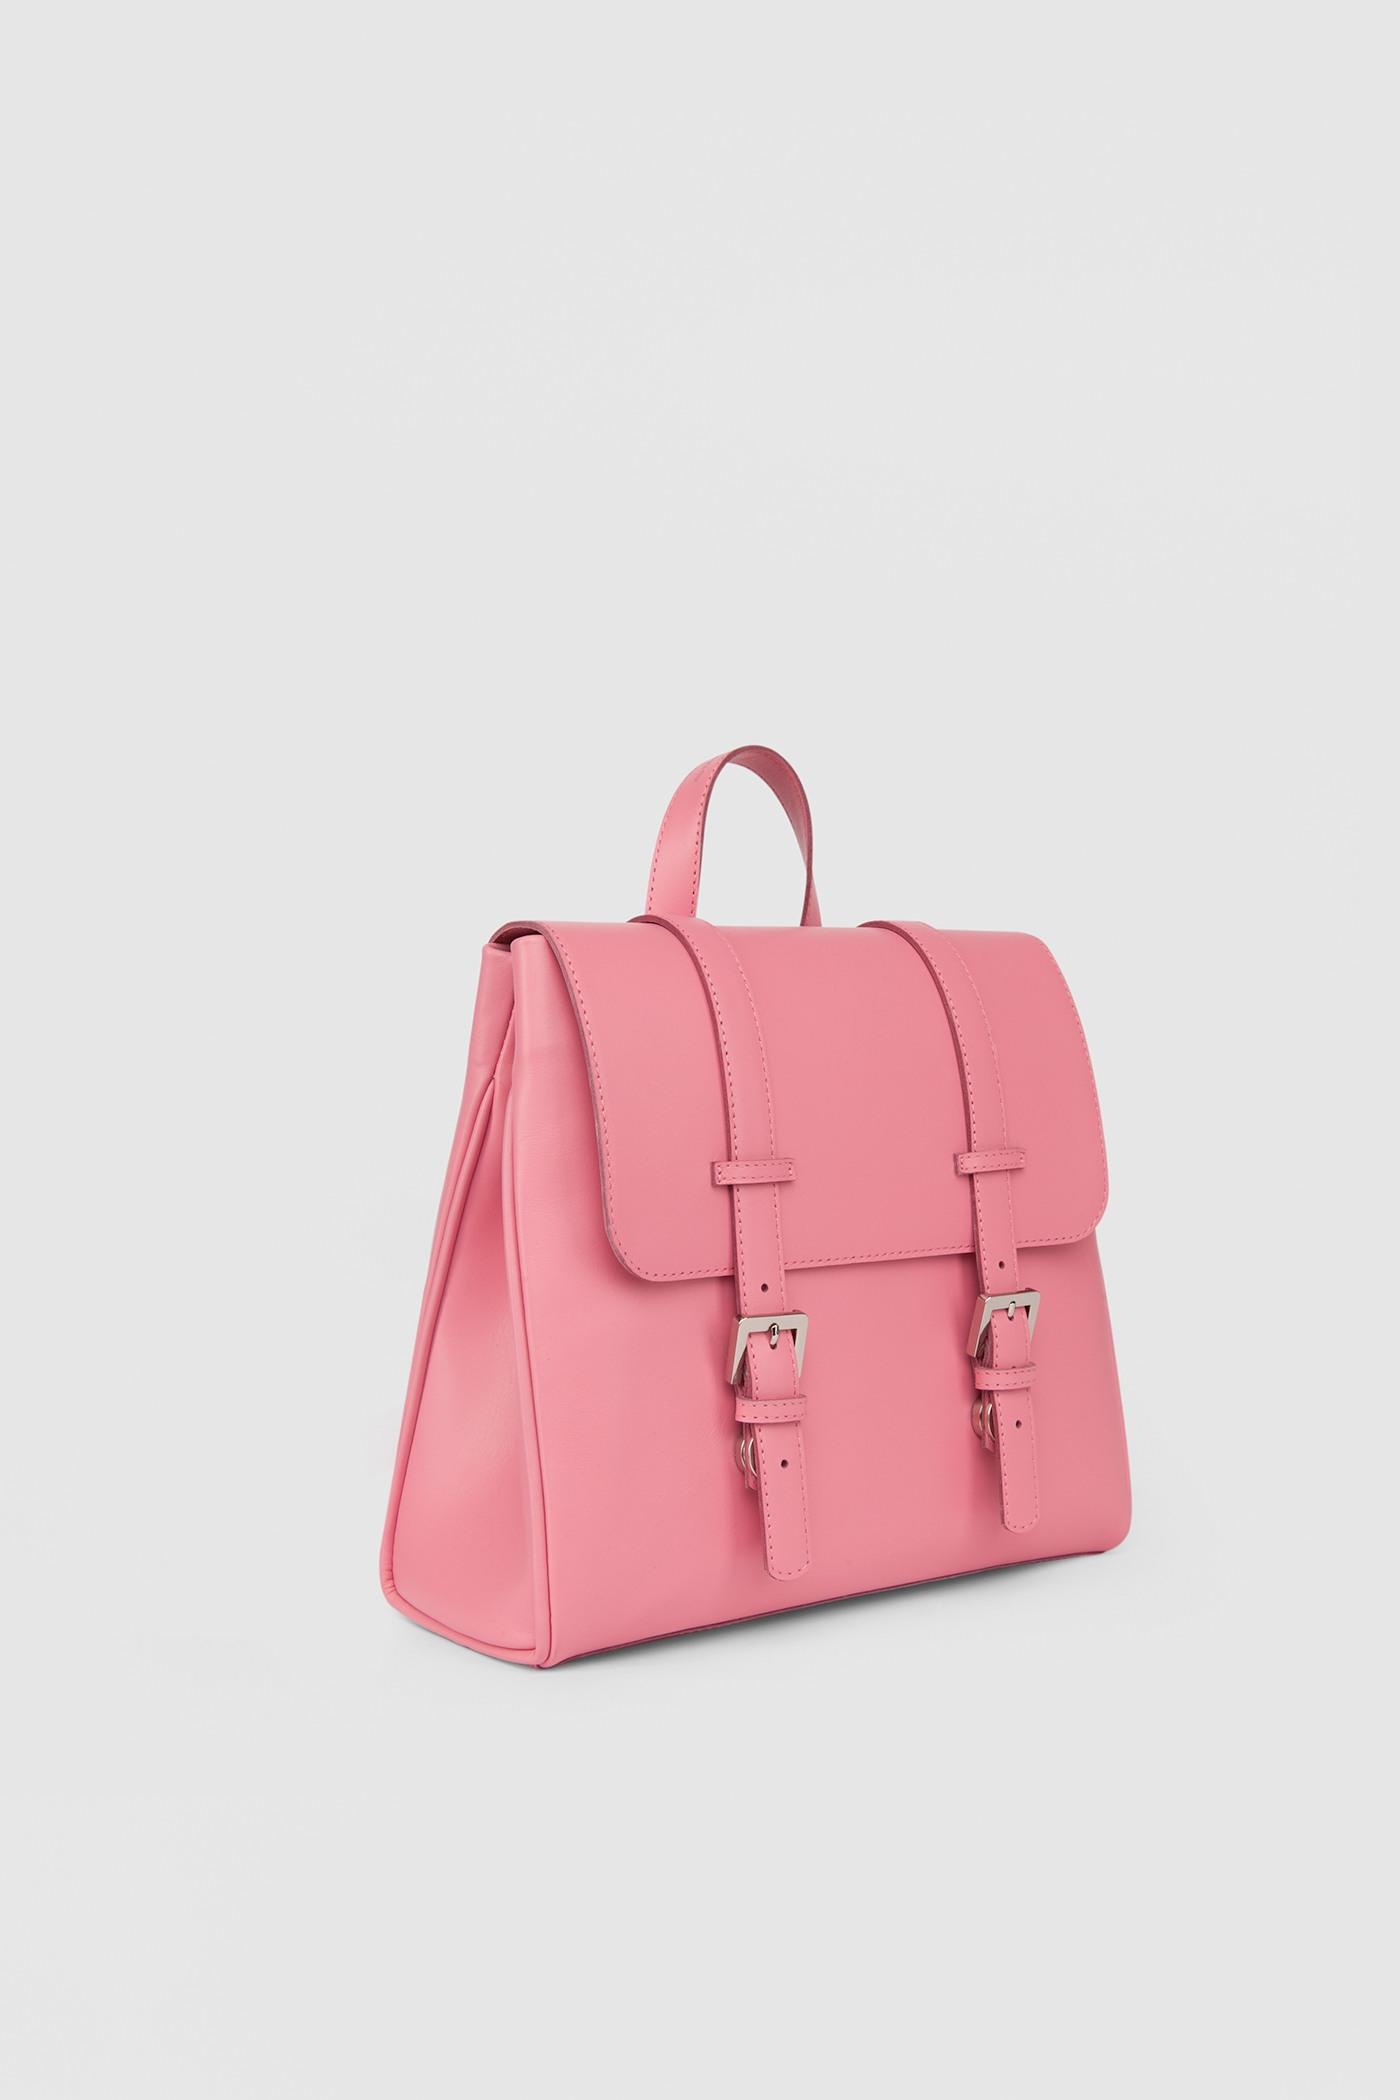 Маленький рюкзакКлассический рюкзак-портфель из высококачественной кожи. Задний карман на молнии. Внутреннее отделение на подкладке с тремя карманами для телефона, ключей и документов. Верхний клапан украшен полированной фурнитурой серебряного цвета и застегивается на потайные замки-магниты.&#13;<br>&#13;<br>&#13;<br>если перестегнуть лямки, рюкзак превращается в сумку через плечо&#13;<br>&#13;<br>держит форму&#13;<br>&#13;<br>съемные лямки на регуляторах&#13;<br>&#13;<br>защита нижних кантов от износа двойным дном&#13;<br>&#13;<br>тканная подкладка&#13;<br>&#13;<br>прилагается чехол для хранения&#13;<br>&#13;<br>&#13;<br>Высота: 24,5 см&#13;<br>Длина: 26 &gt; 24 см&#13;<br>Глубина: 9,5 см&#13;<br>Высота ремешка: max 93 - min 69 см&#13;<br>Длина ручки: 22 см<br><br>Цвет: Лососево-розовый